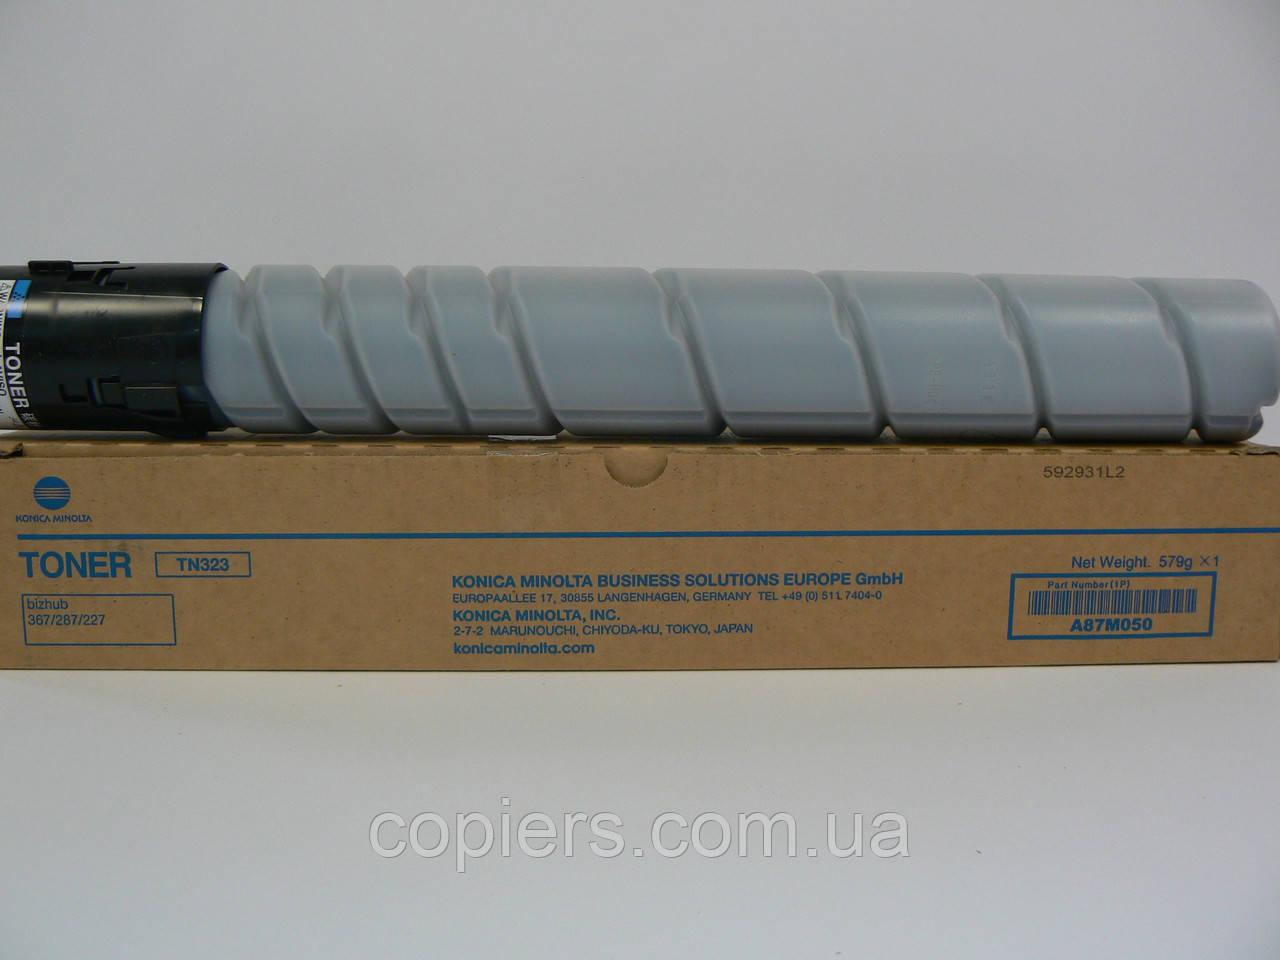 TN323 тонер картридж Konica Minolta Bizhub 227/287/367, оригинал, A87M050, tn-323